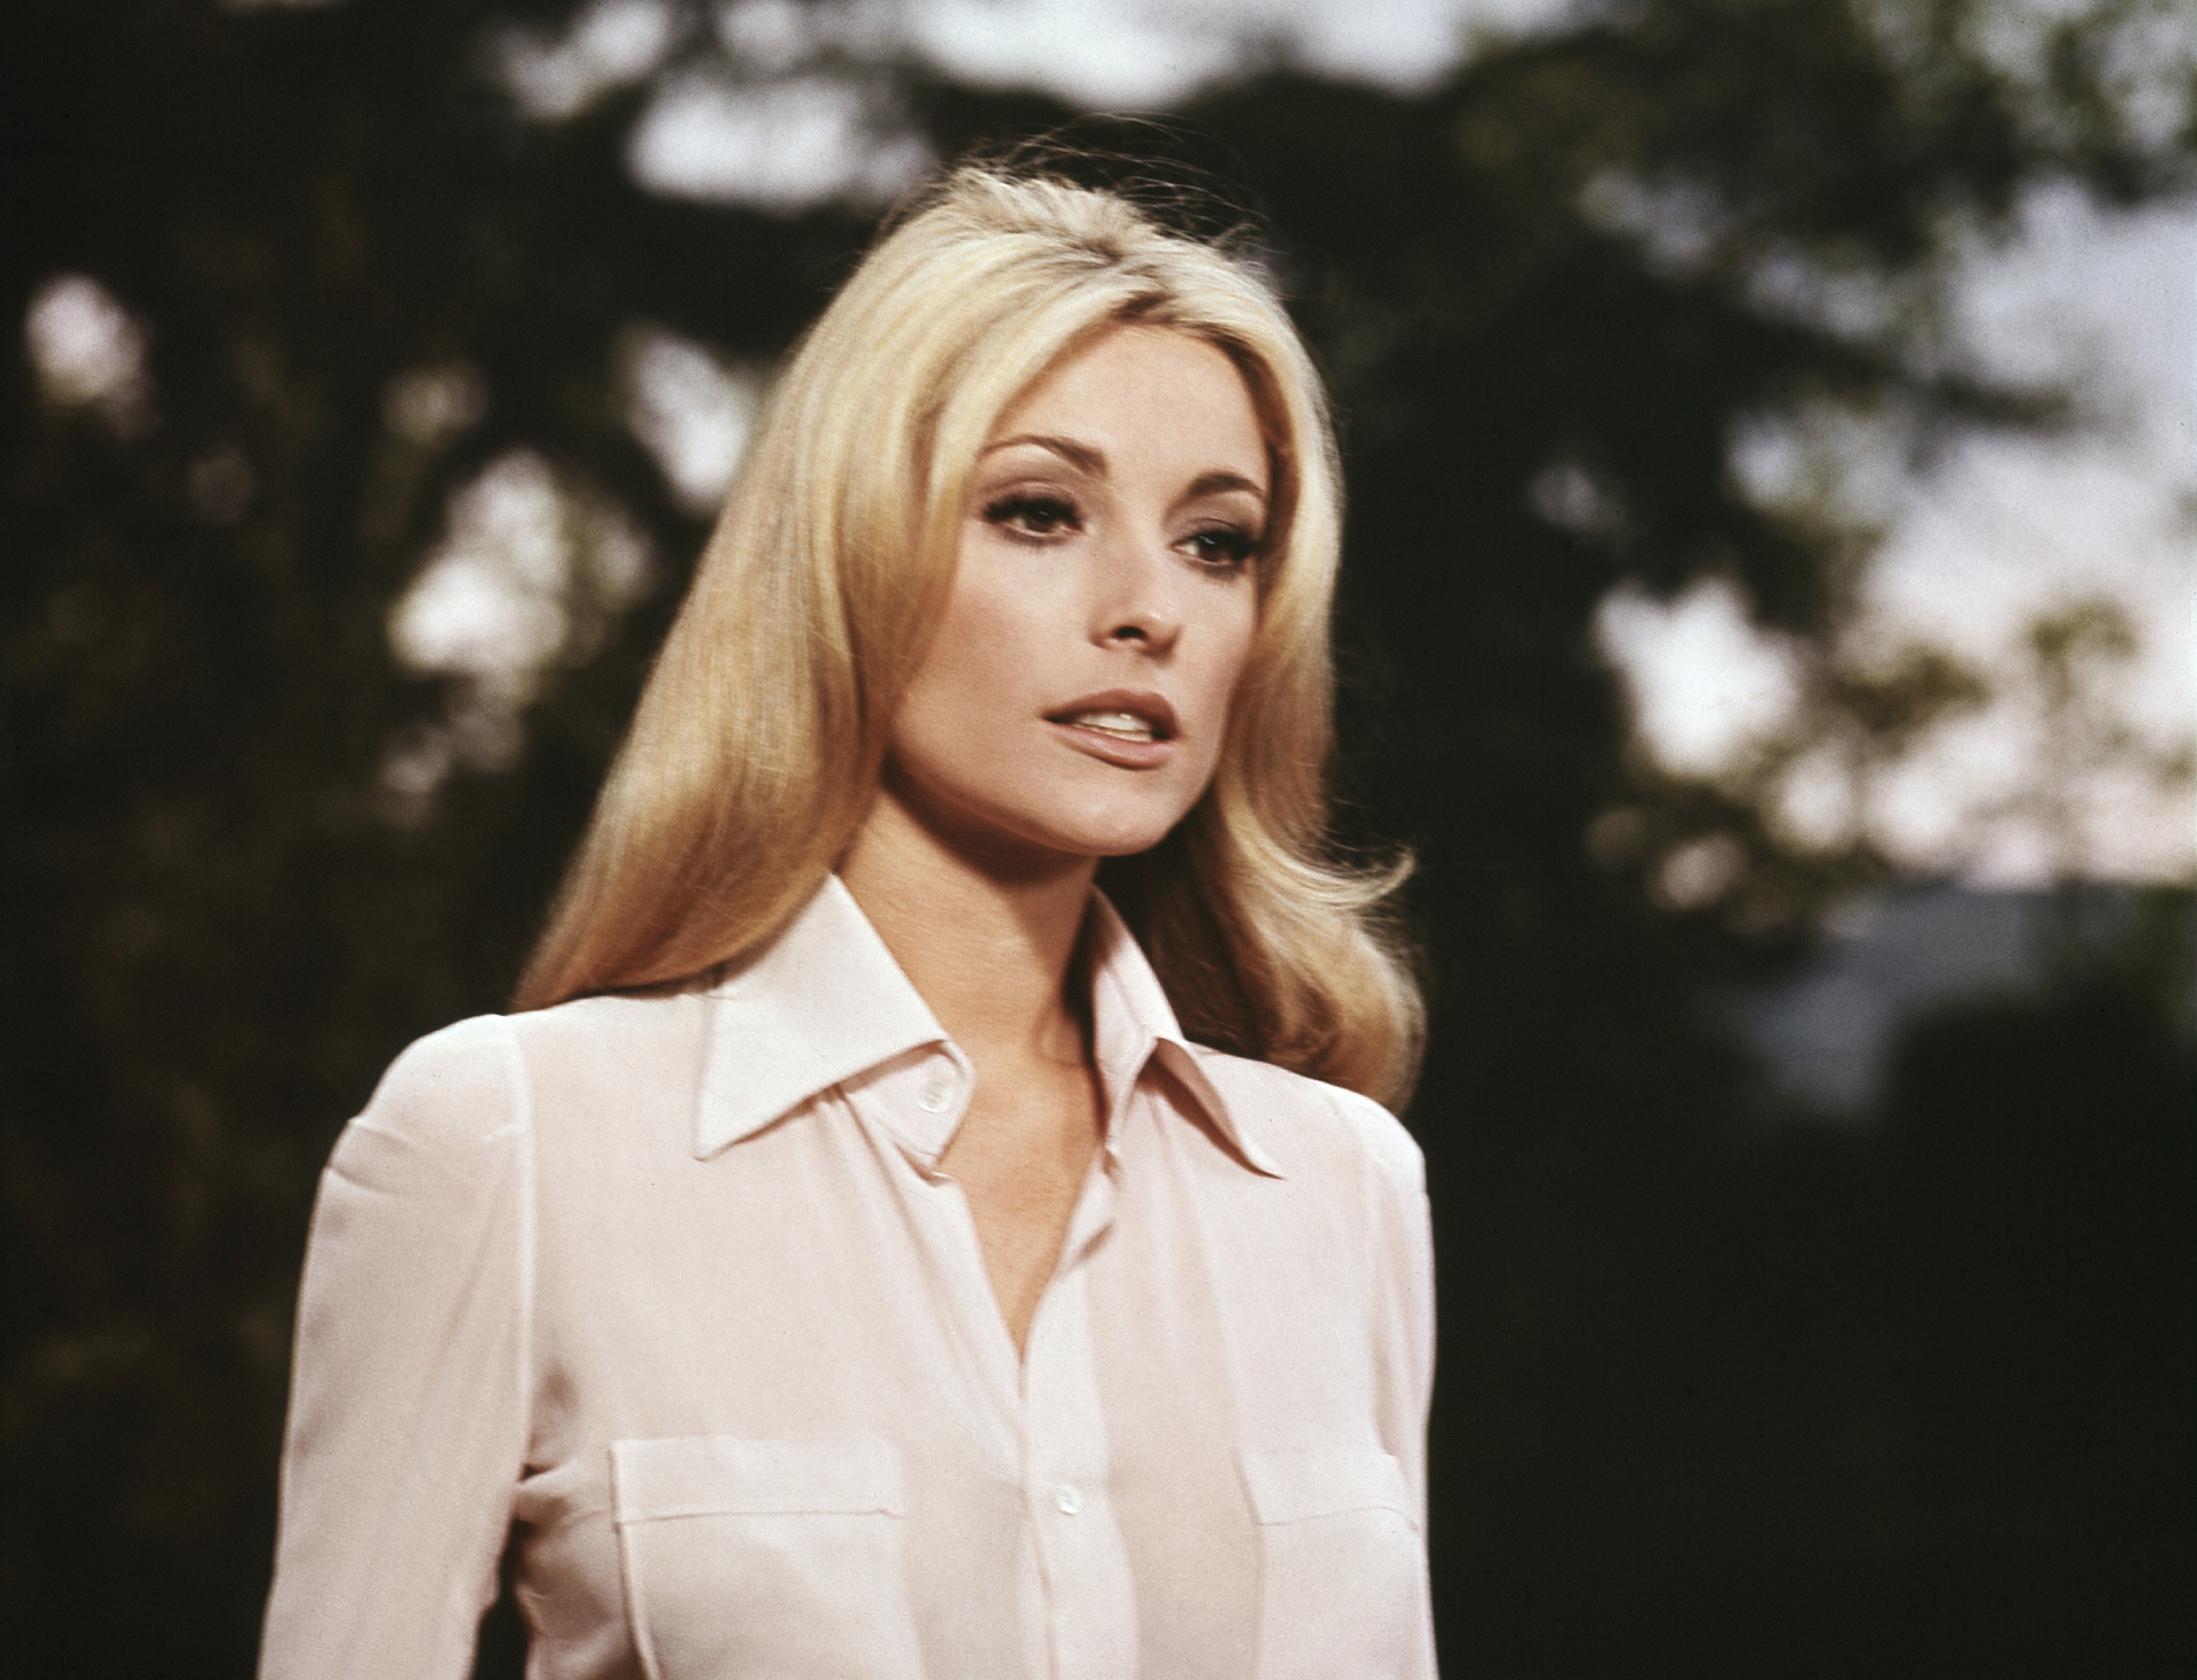 Фотографии што ја покажуваат привлечноста на жените од 60-тите